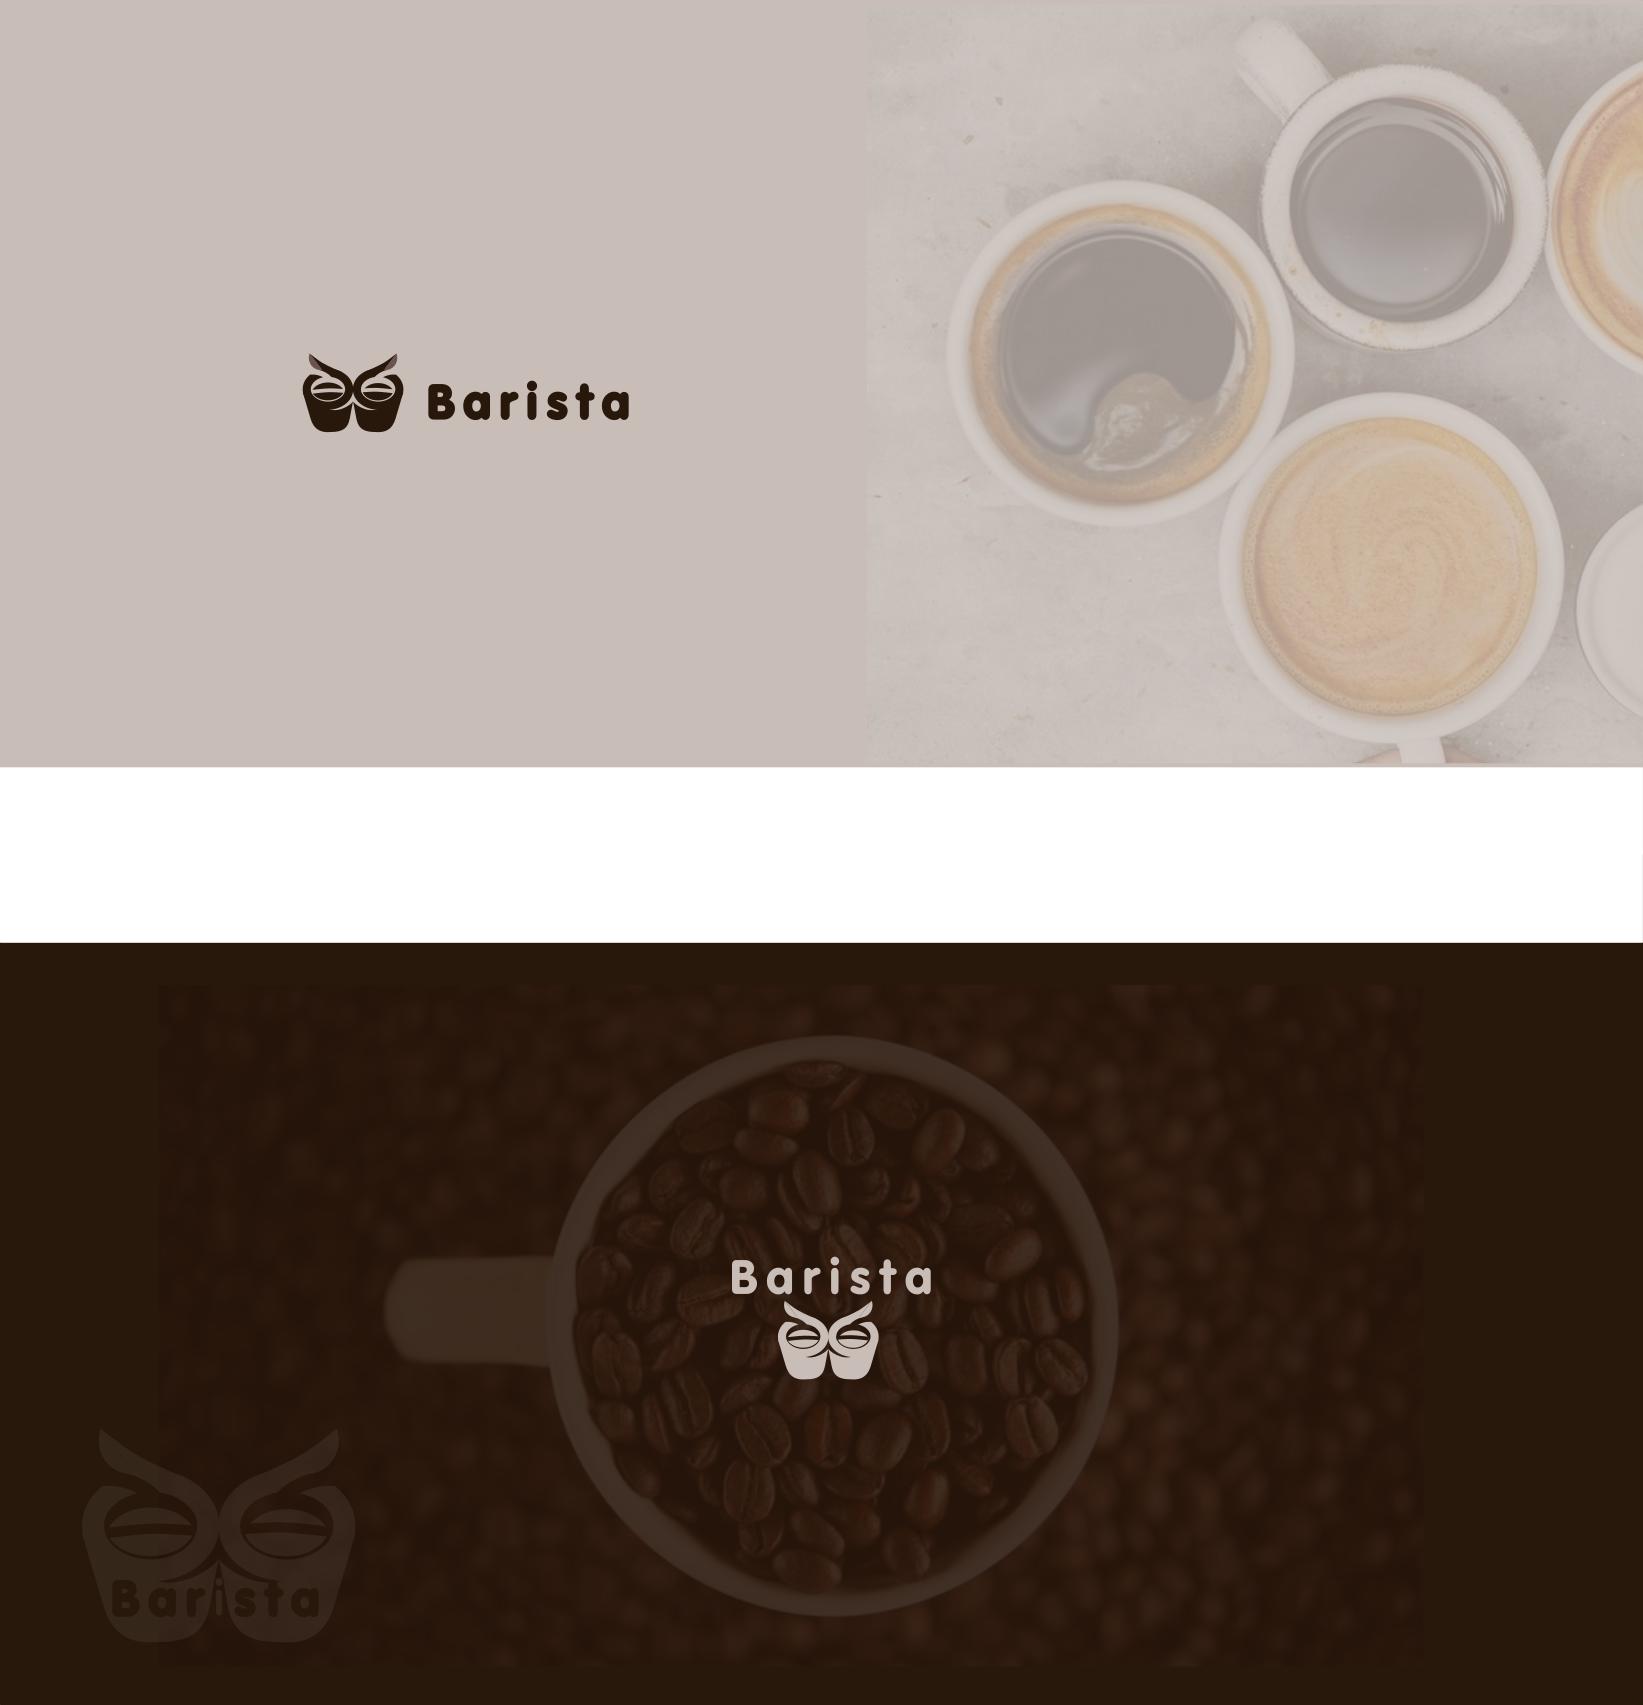 Ребрендинг логотипа сети кофеен фото f_9575e78cd7349470.png